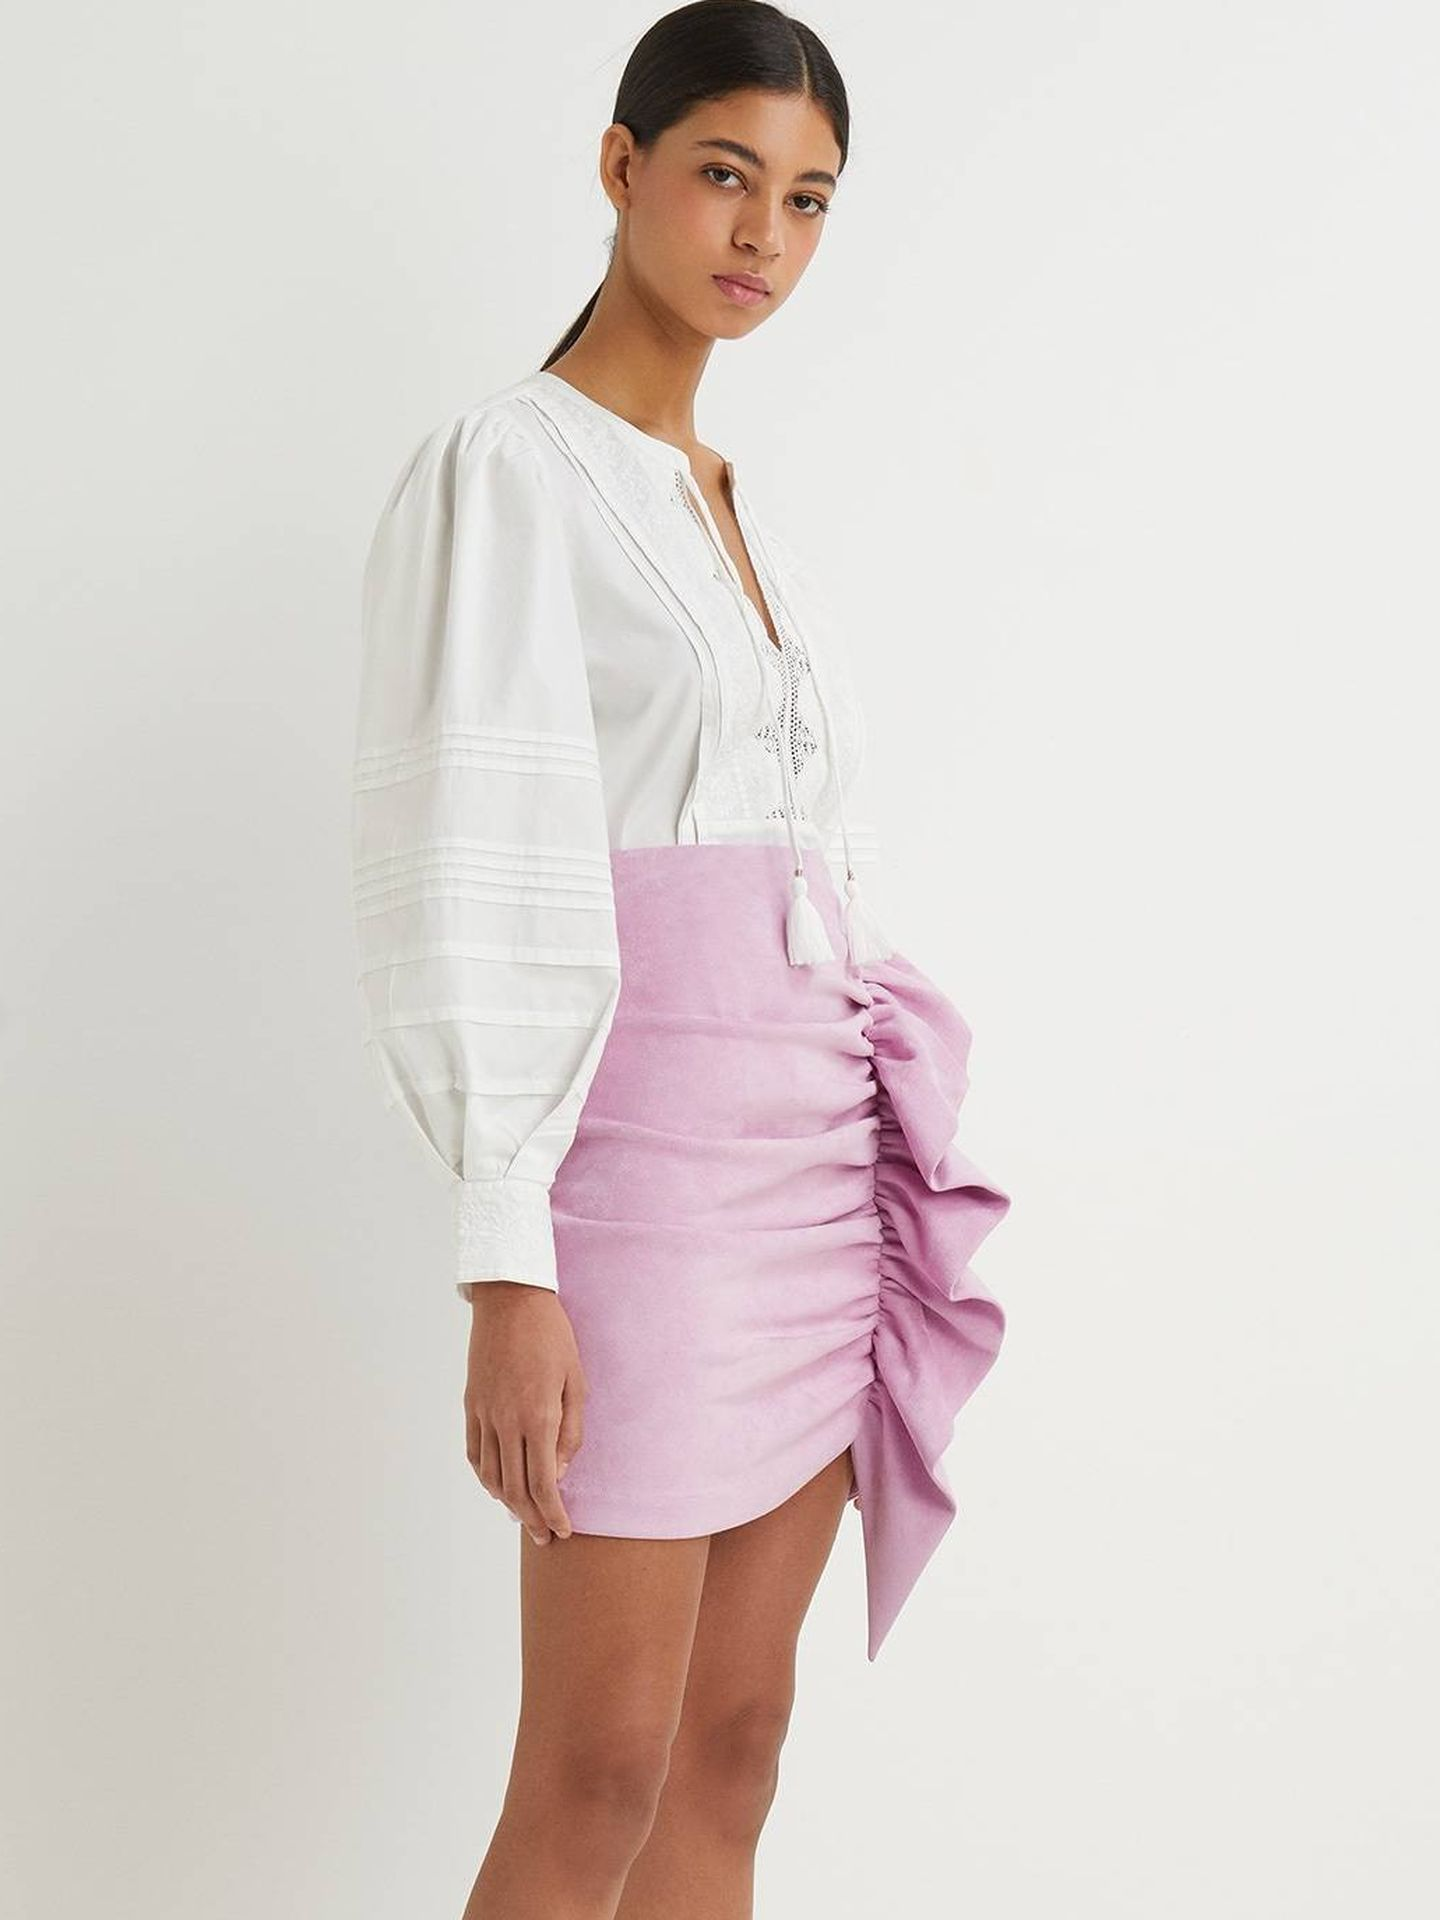 Falda de antelina de Sfera. (Cortesía)